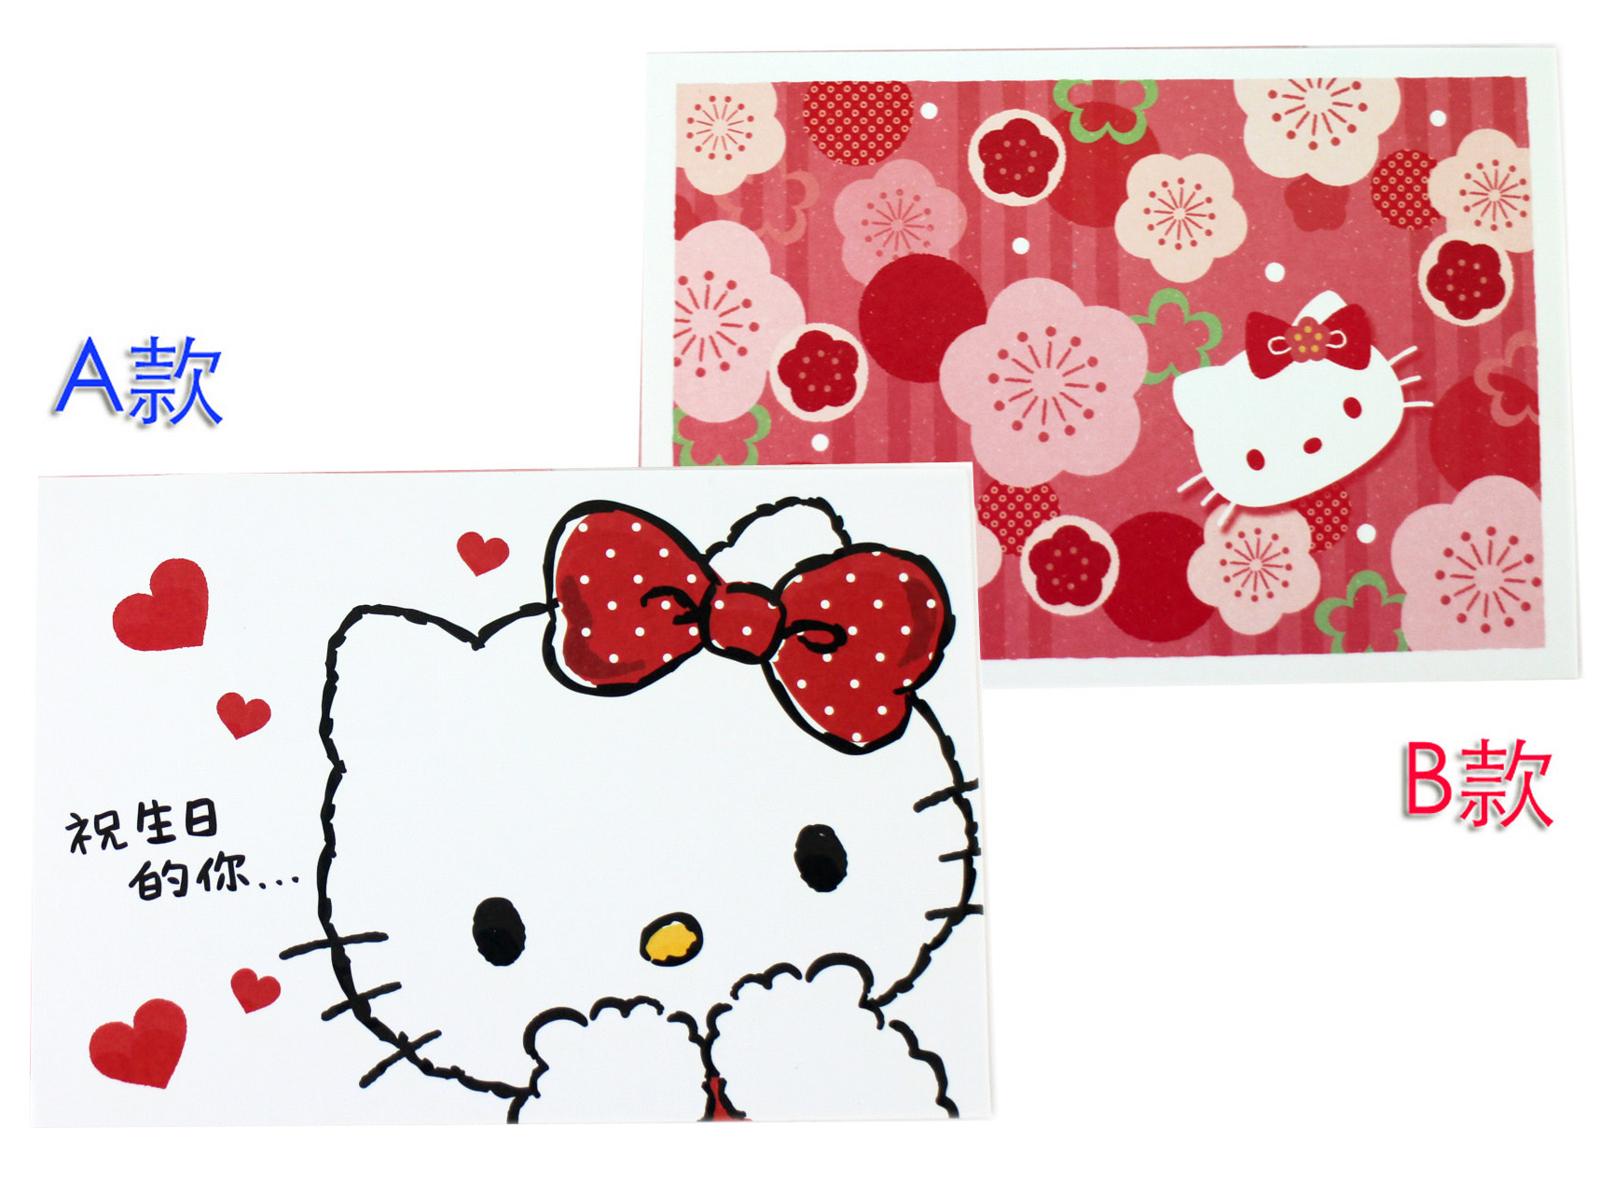 【卡漫城】 Hello Kitty 立體 卡片 二款選一 ㊣版 櫻花 蛋糕 和服 萬用卡 禮物 賀卡 生日 凱蒂貓 祝福